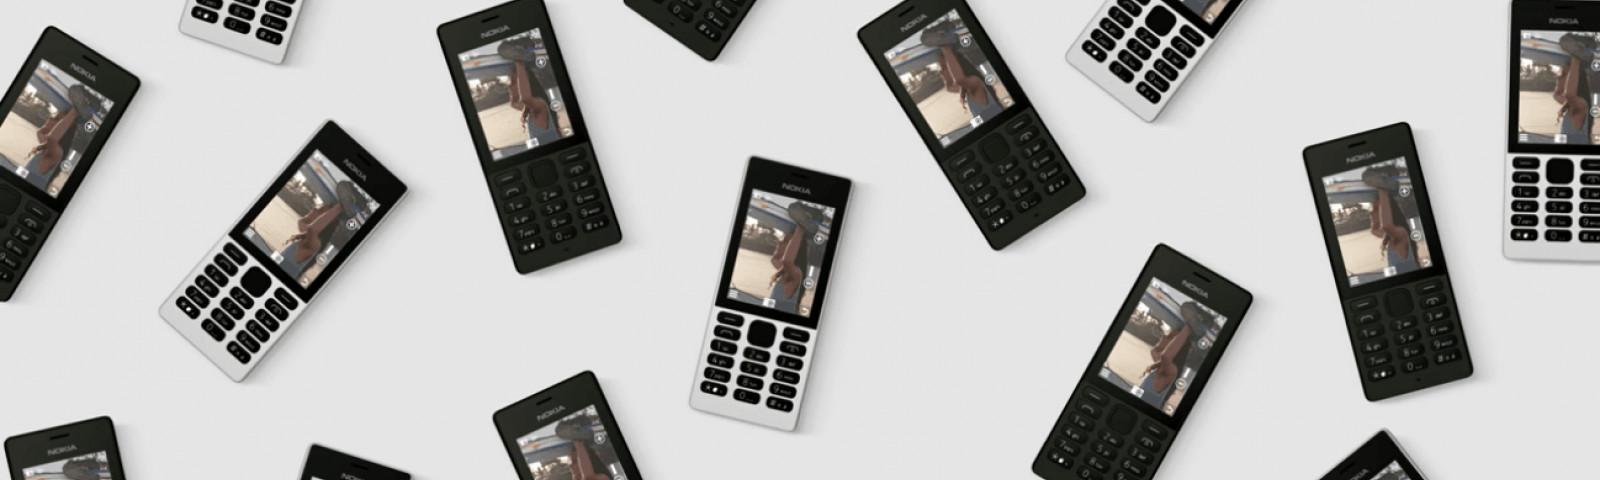 Nokia 150 espace réservé vidéo